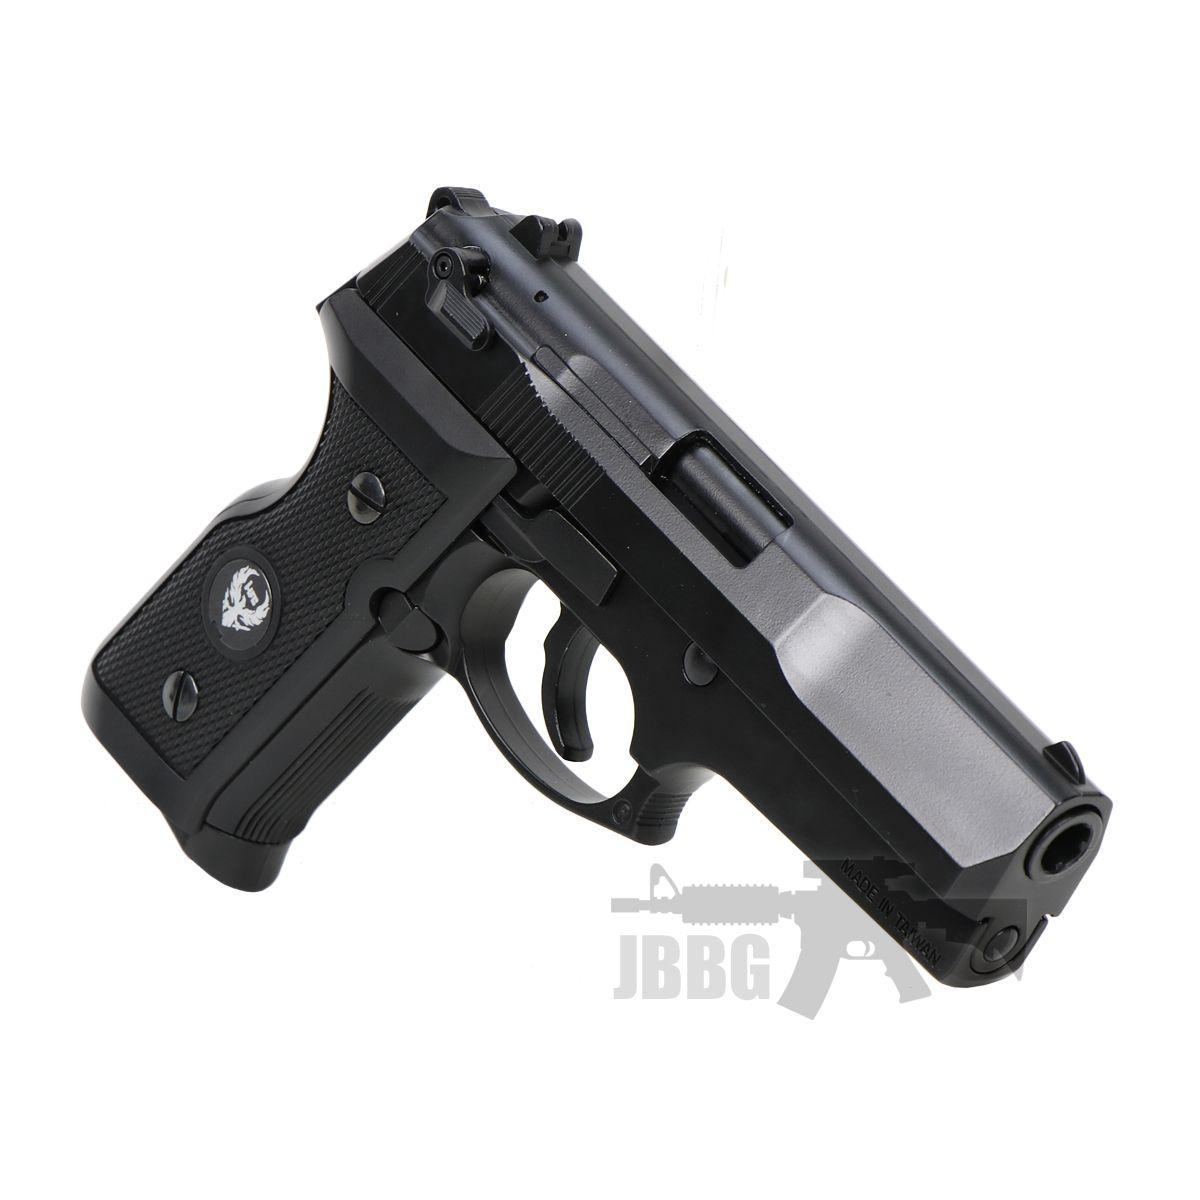 hg160 semi auto airsoft pistol 4